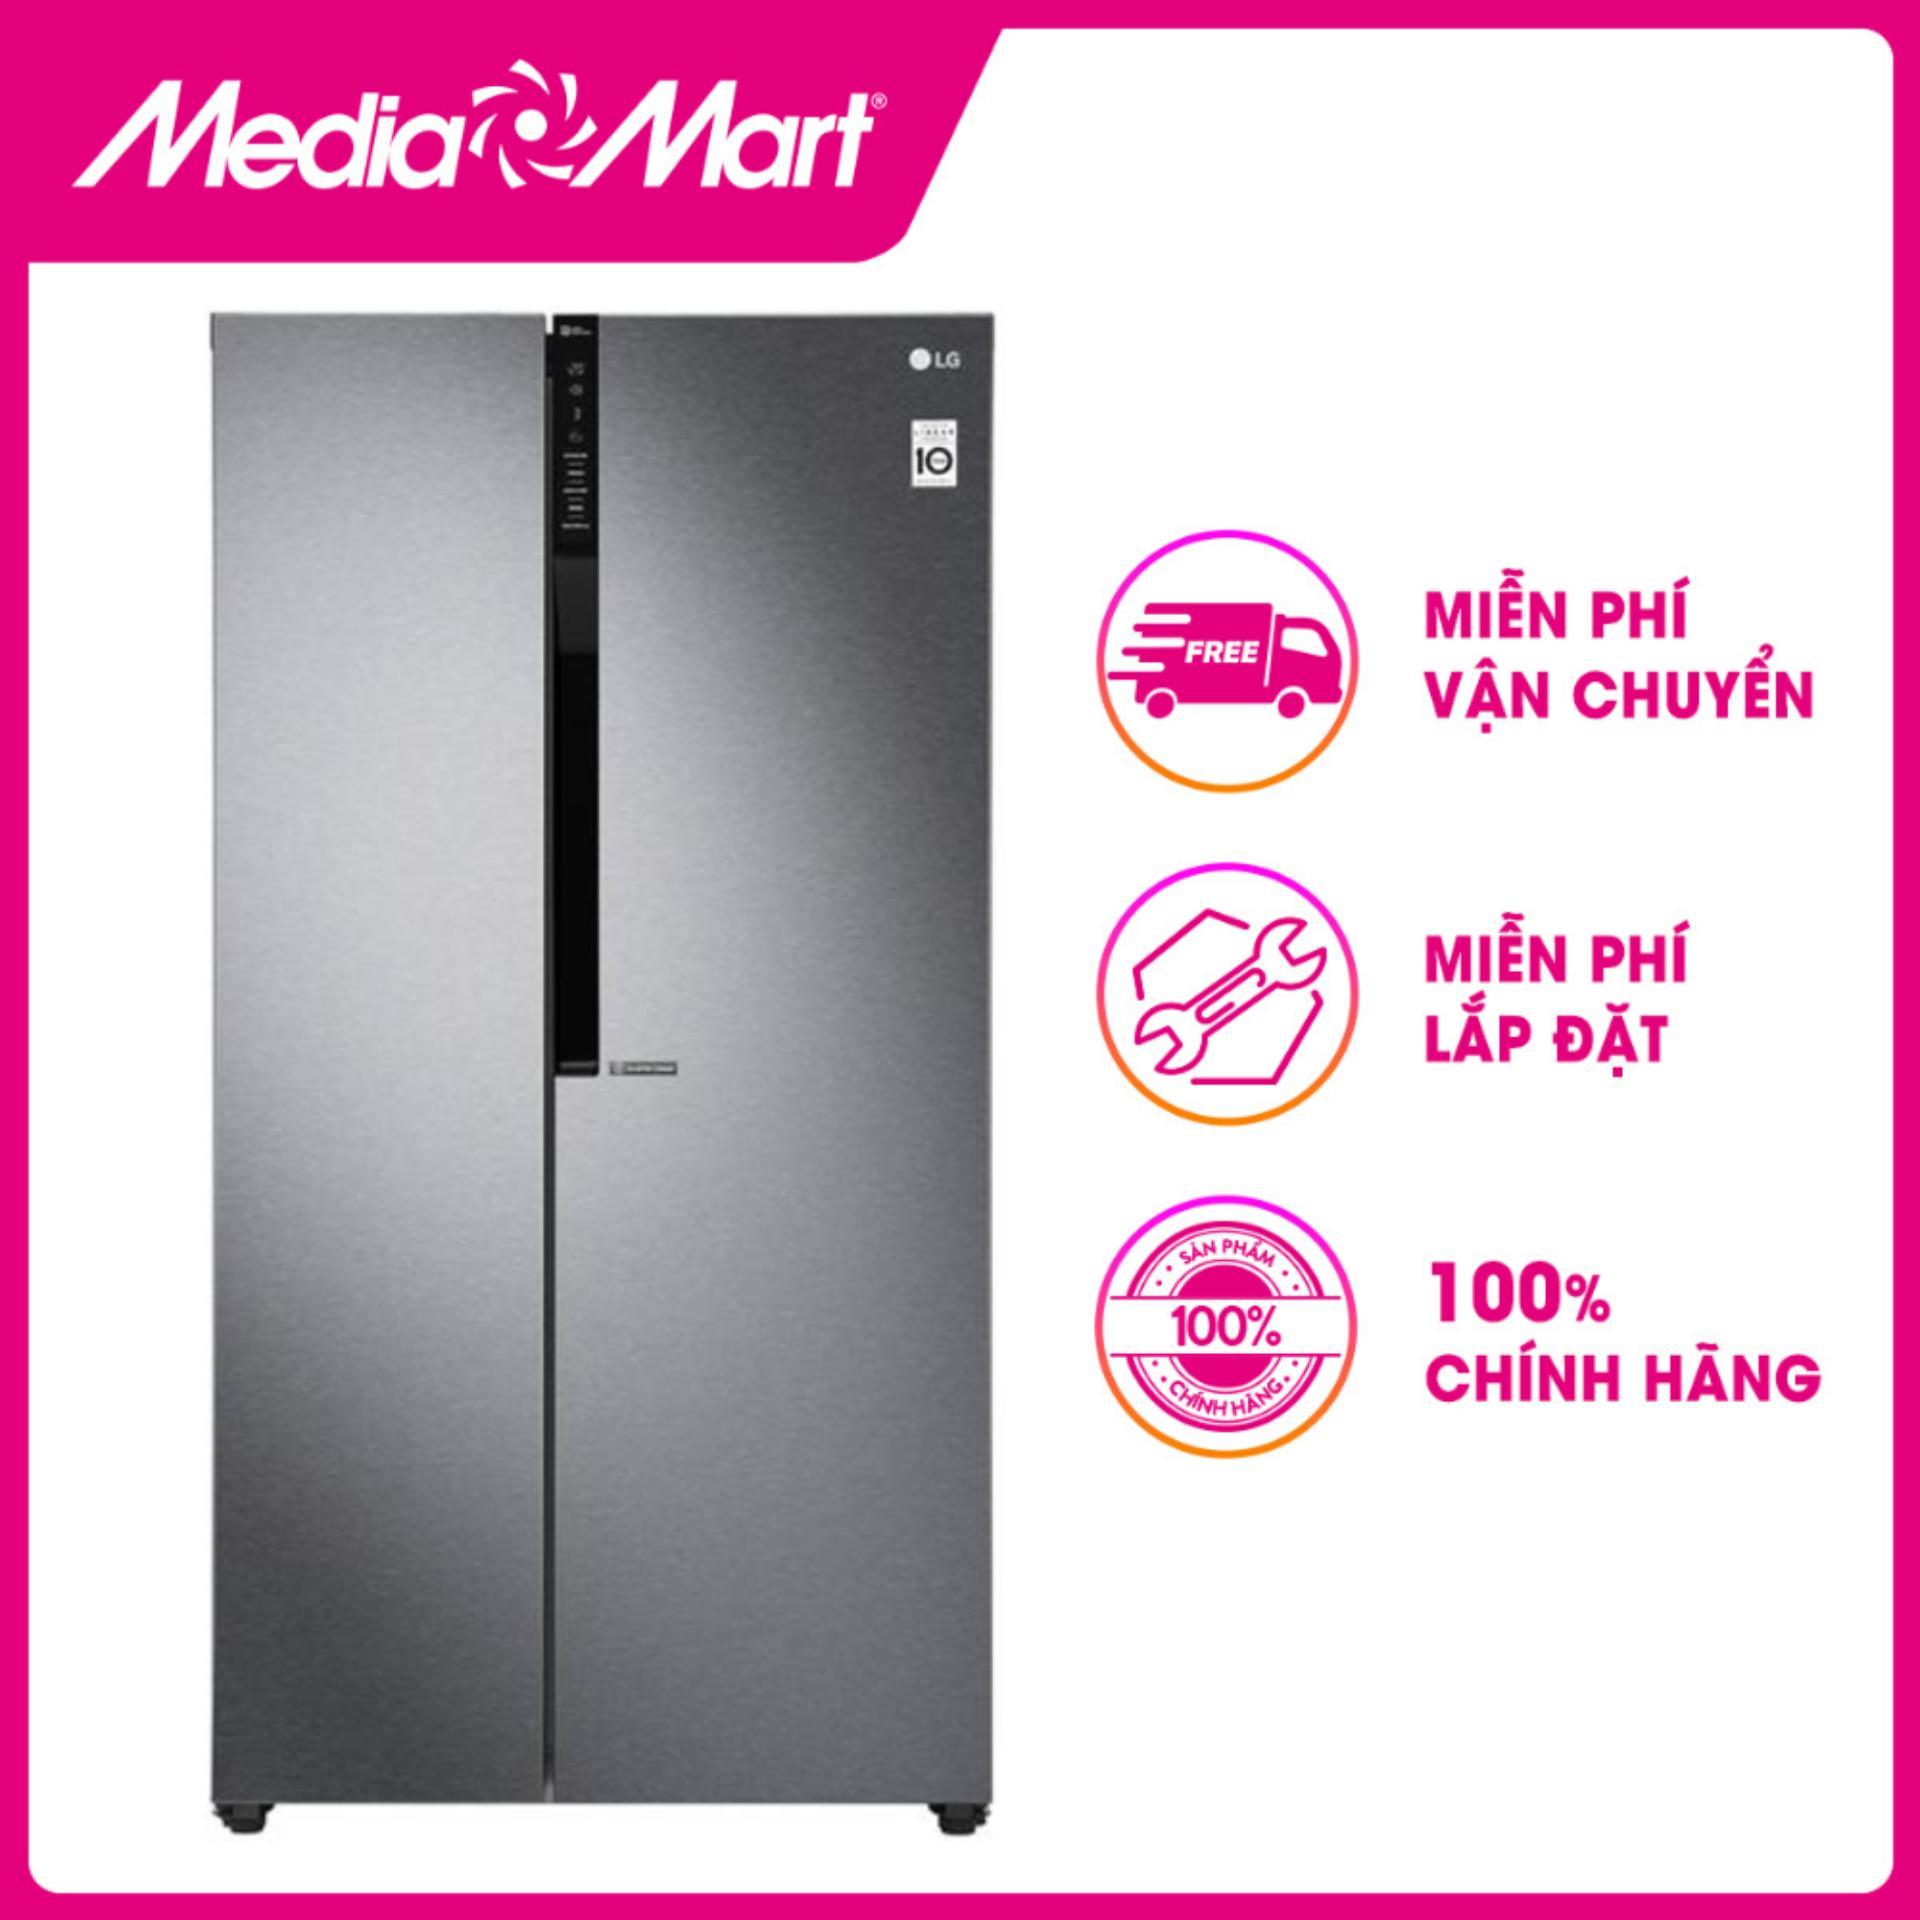 Tủ lạnh Side by Side LG Inverter GR-B247JDS 687 Lít, Công nghệ làm lạnh Đa chiều, Công nghệ Hygiene Fresh